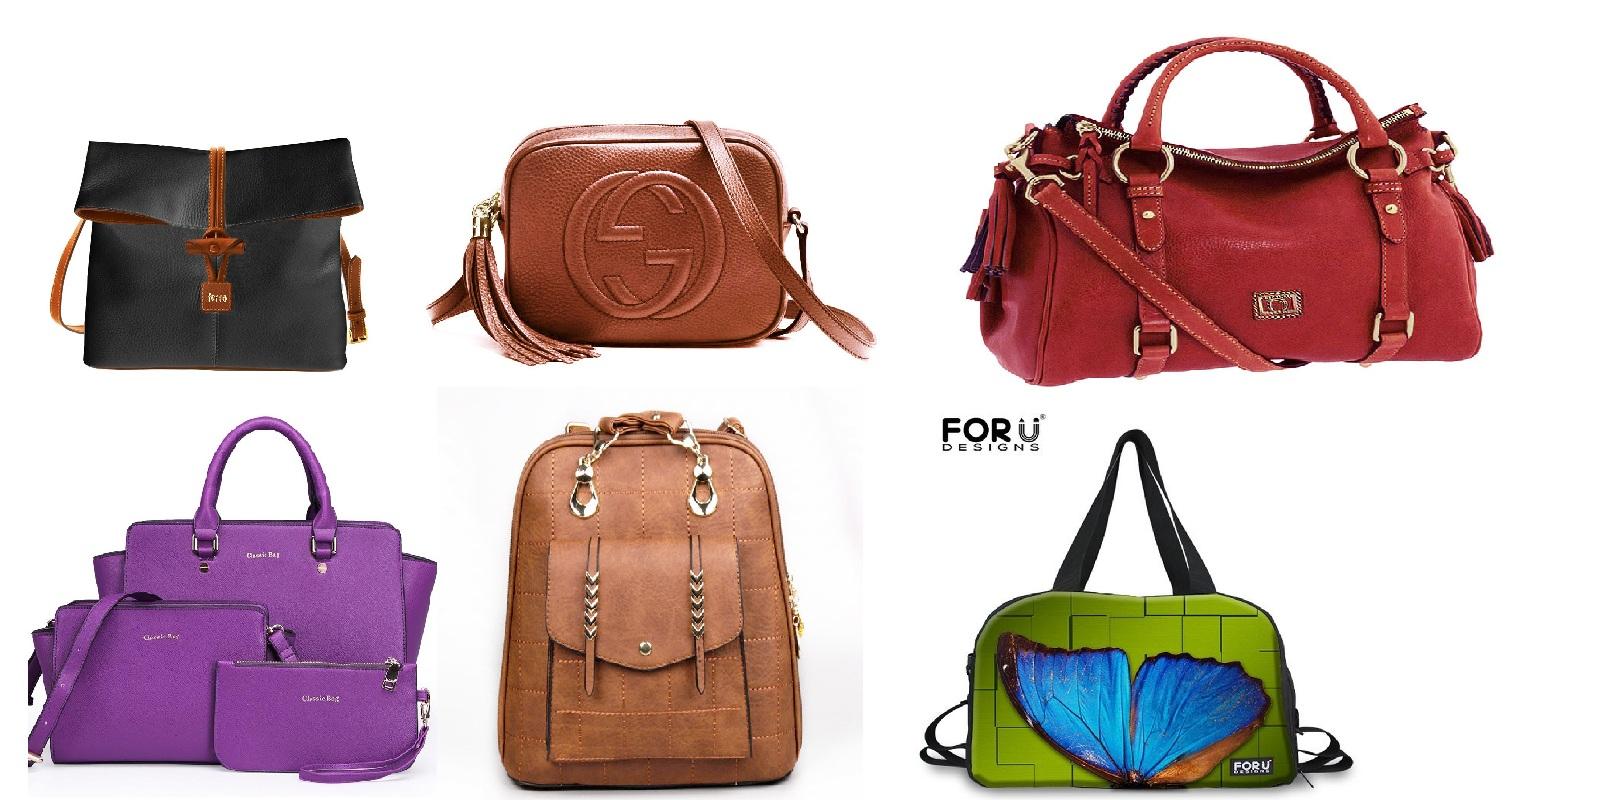 Сбор заказов. Сумкины дети. Копии брендов, оригинальные сумки и кошельки, рюкзаки для подростков